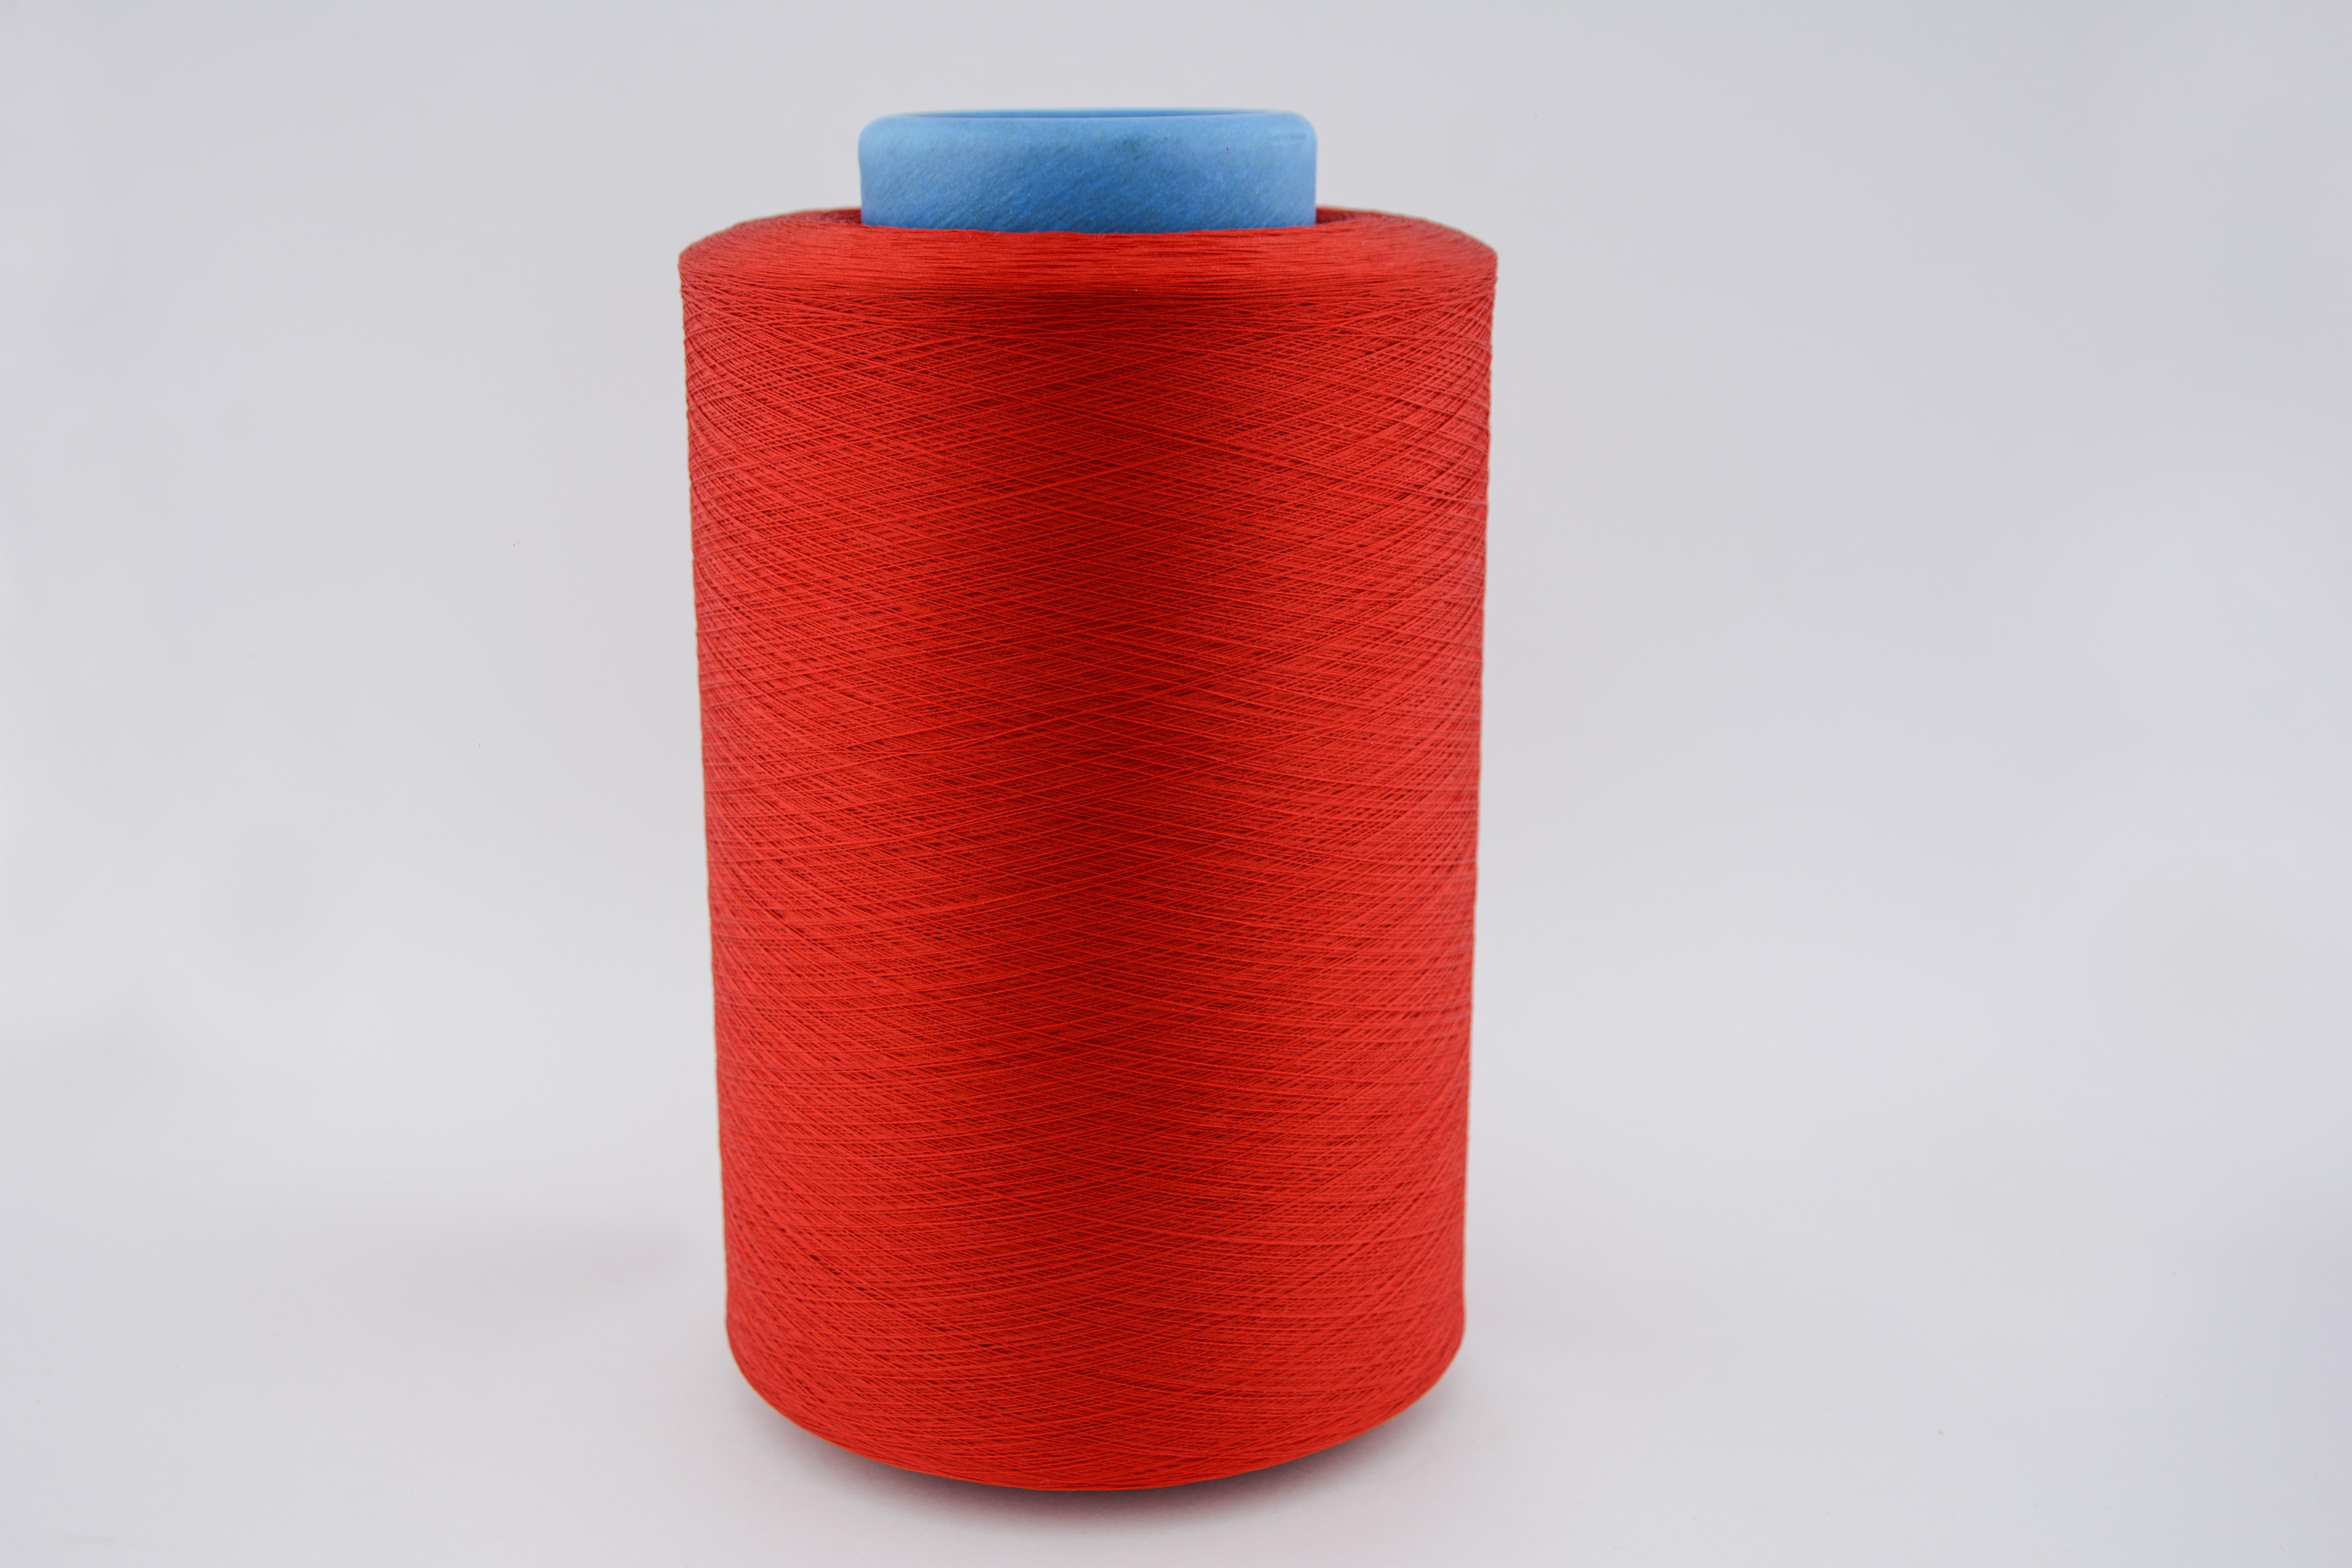 El hilo poliéster de color rojo